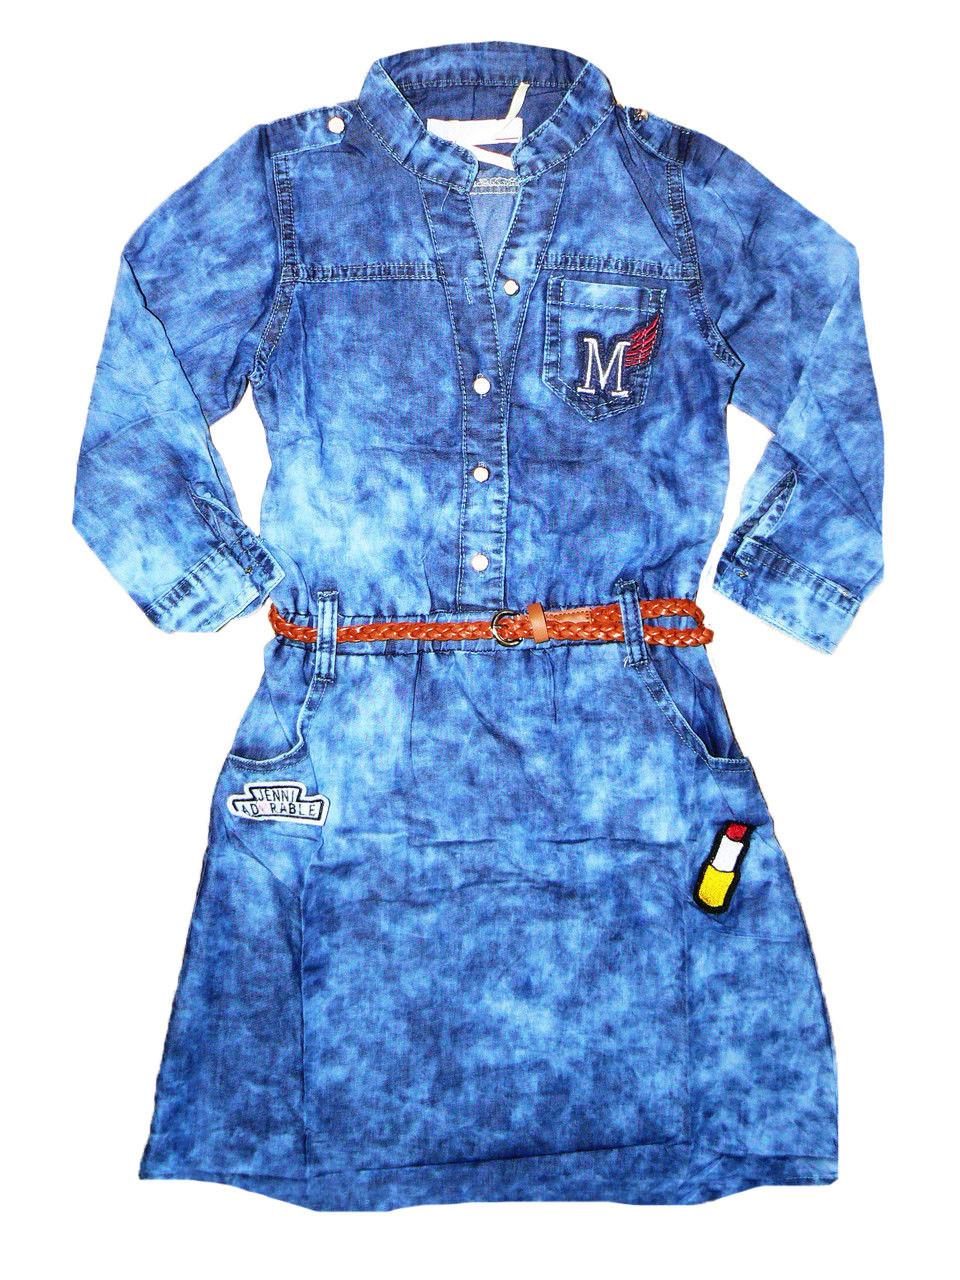 Джинсовое платье для девочек опт, Seagull, размеры  -134,140,152, арт. CSQ-89065